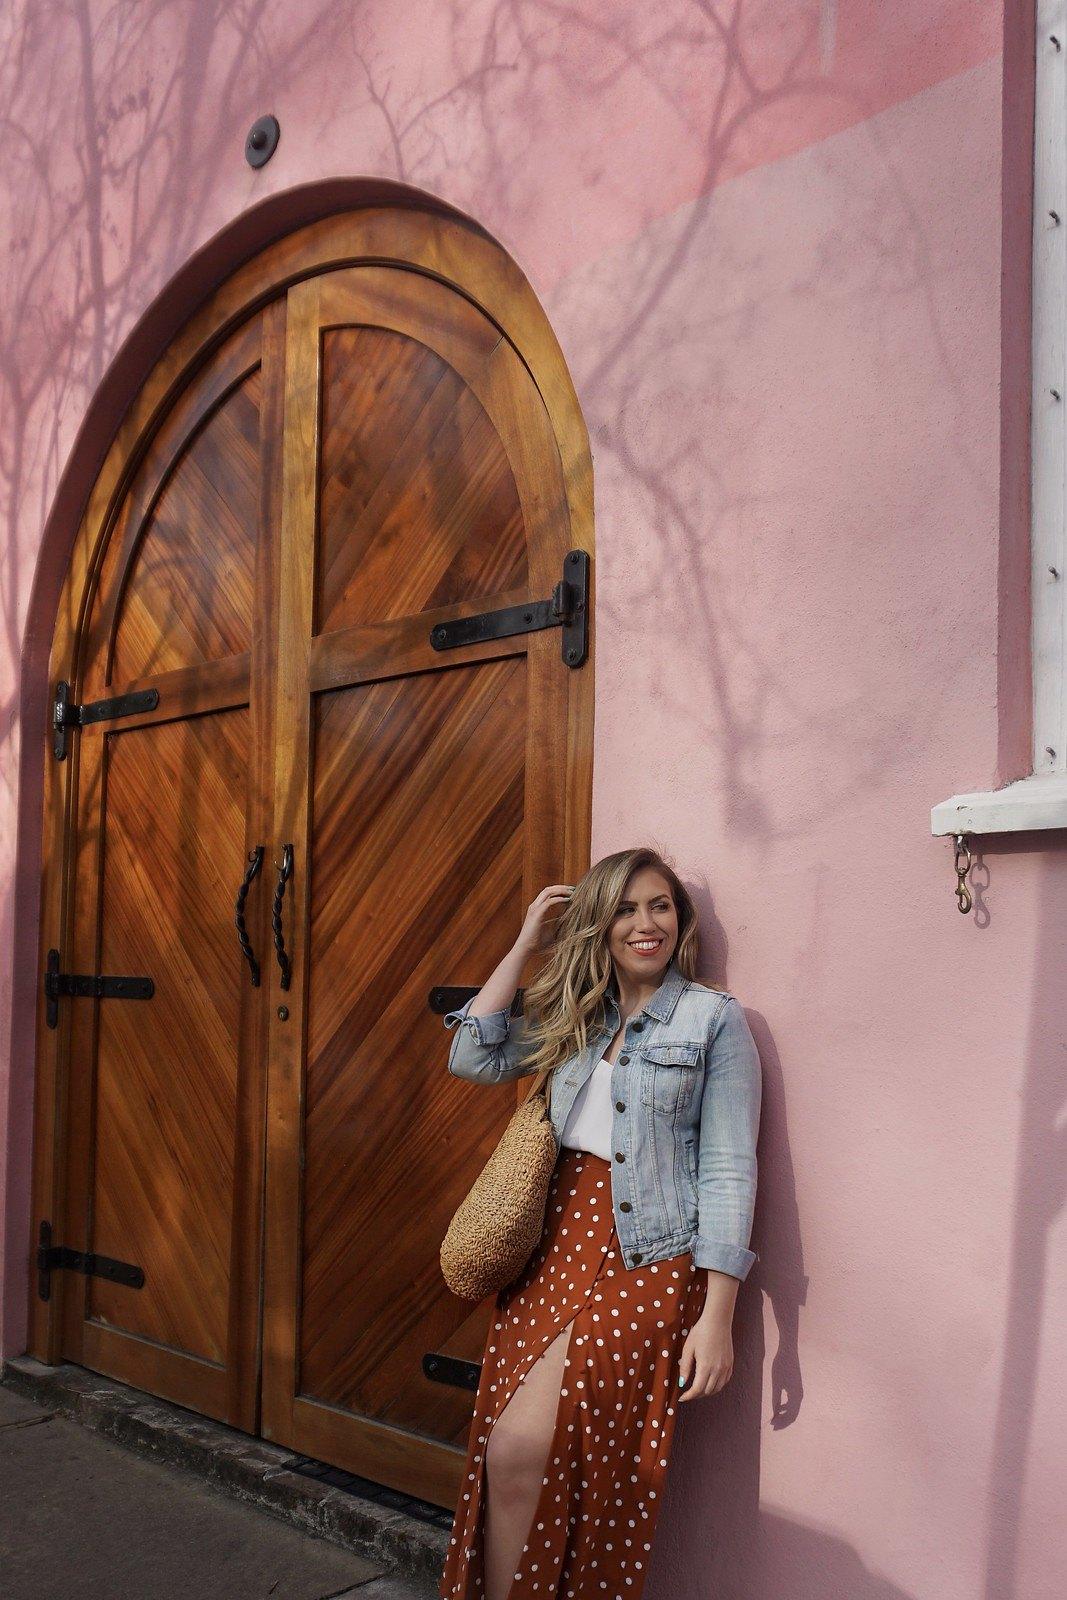 Charleston SC Pink Building   Spring Outfit Inspiration   Denim Jacket   Orange Polka Dot Skirt with Slit